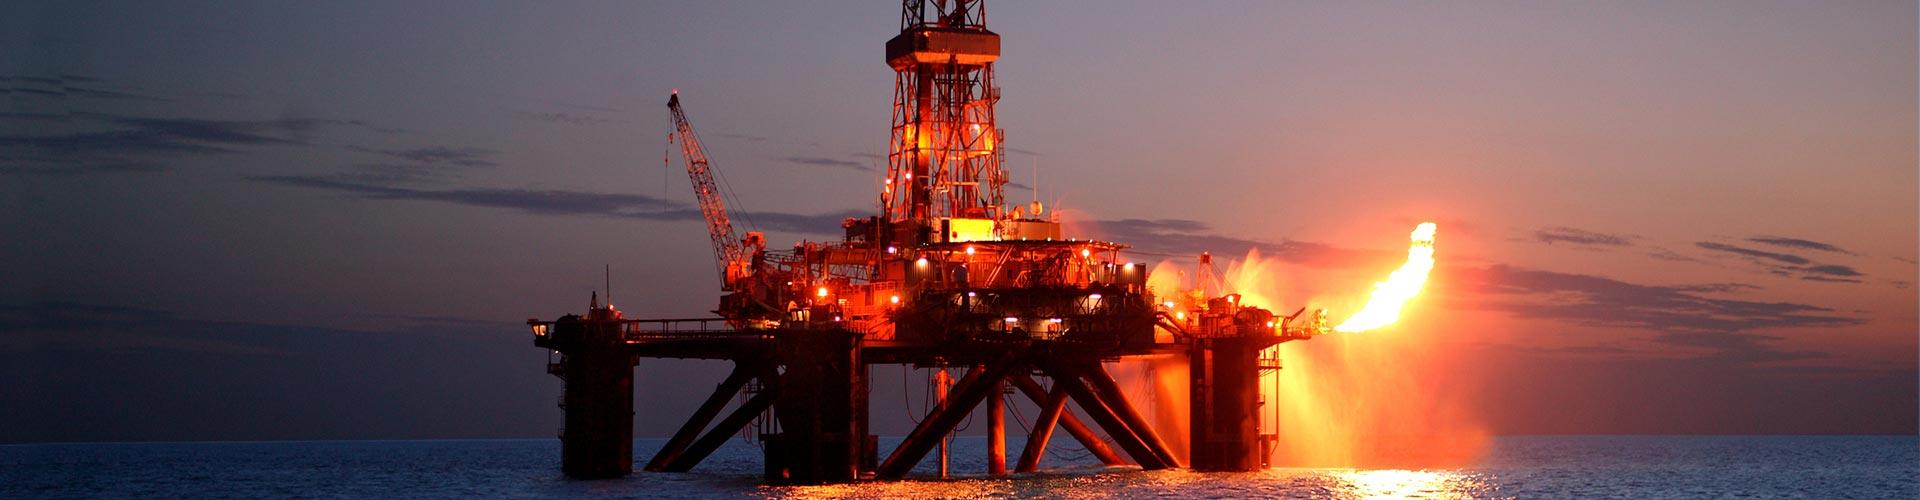 Como evitar acidentes em plataformas de petróleo